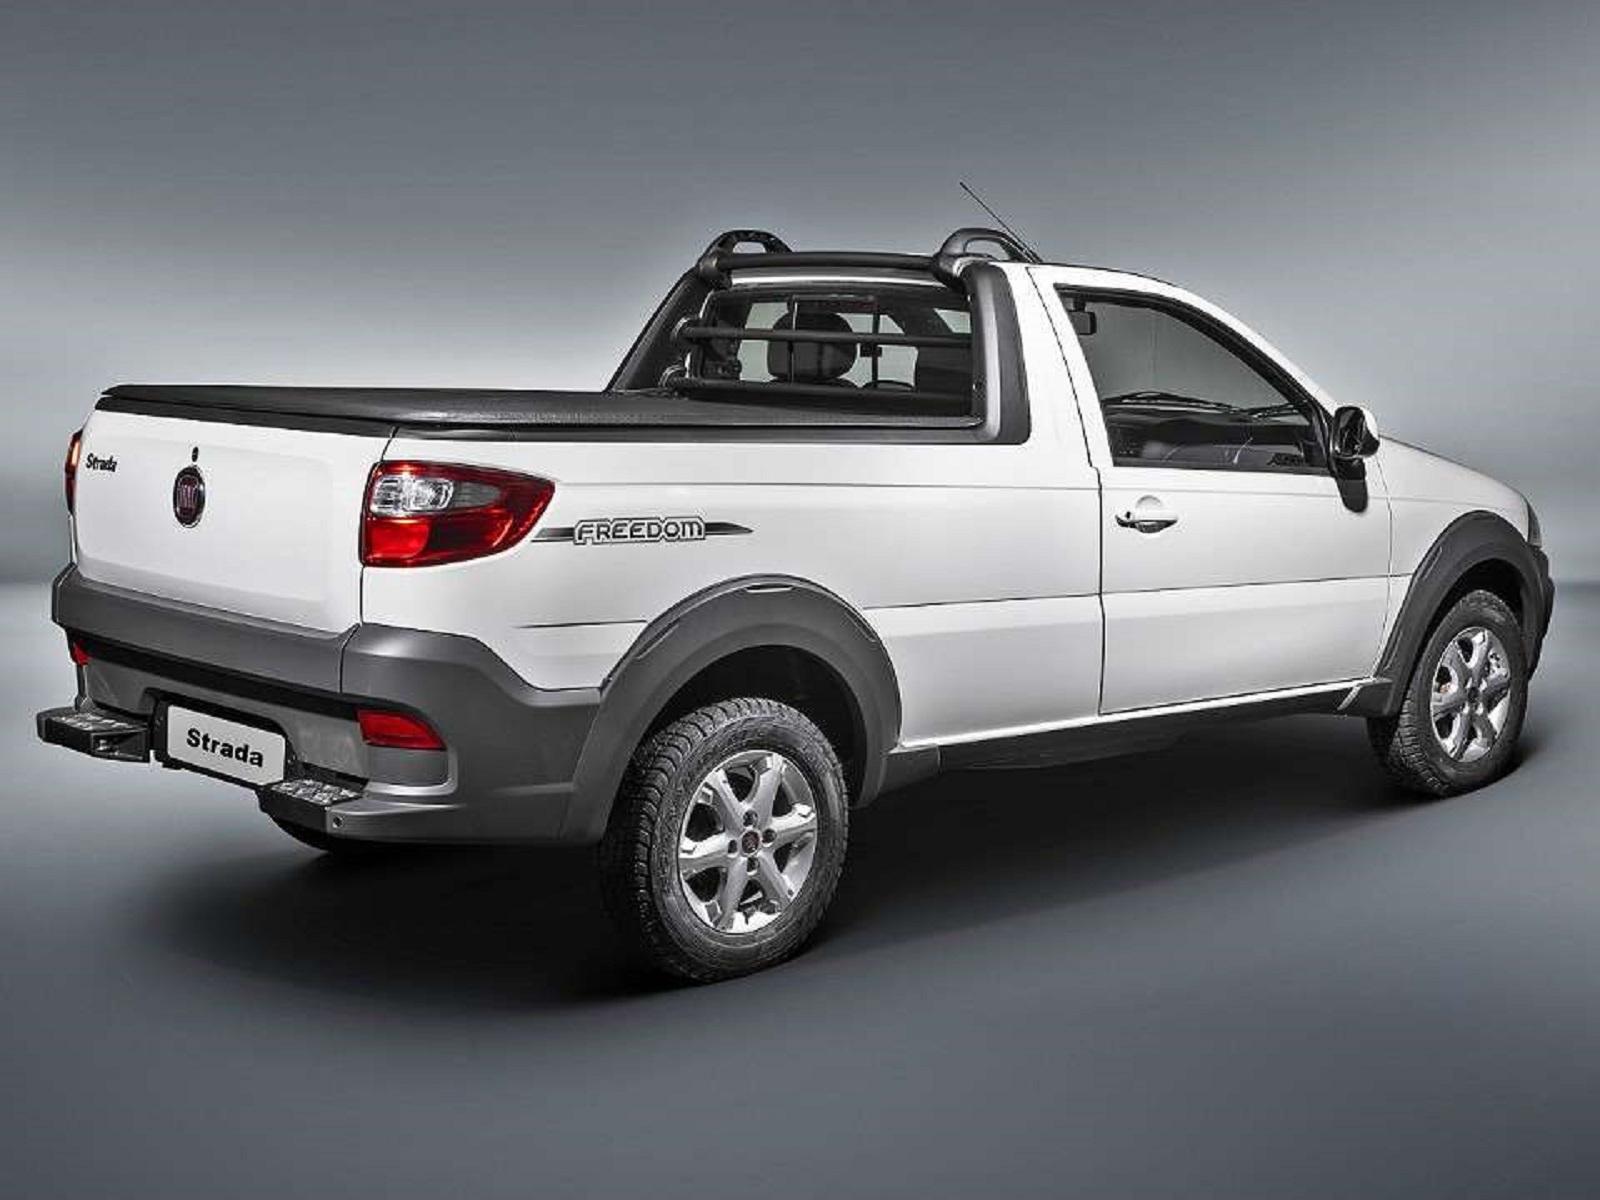 Fiat Strada continuerà a essere prodotto dopo l'arrivo della nuova generazione